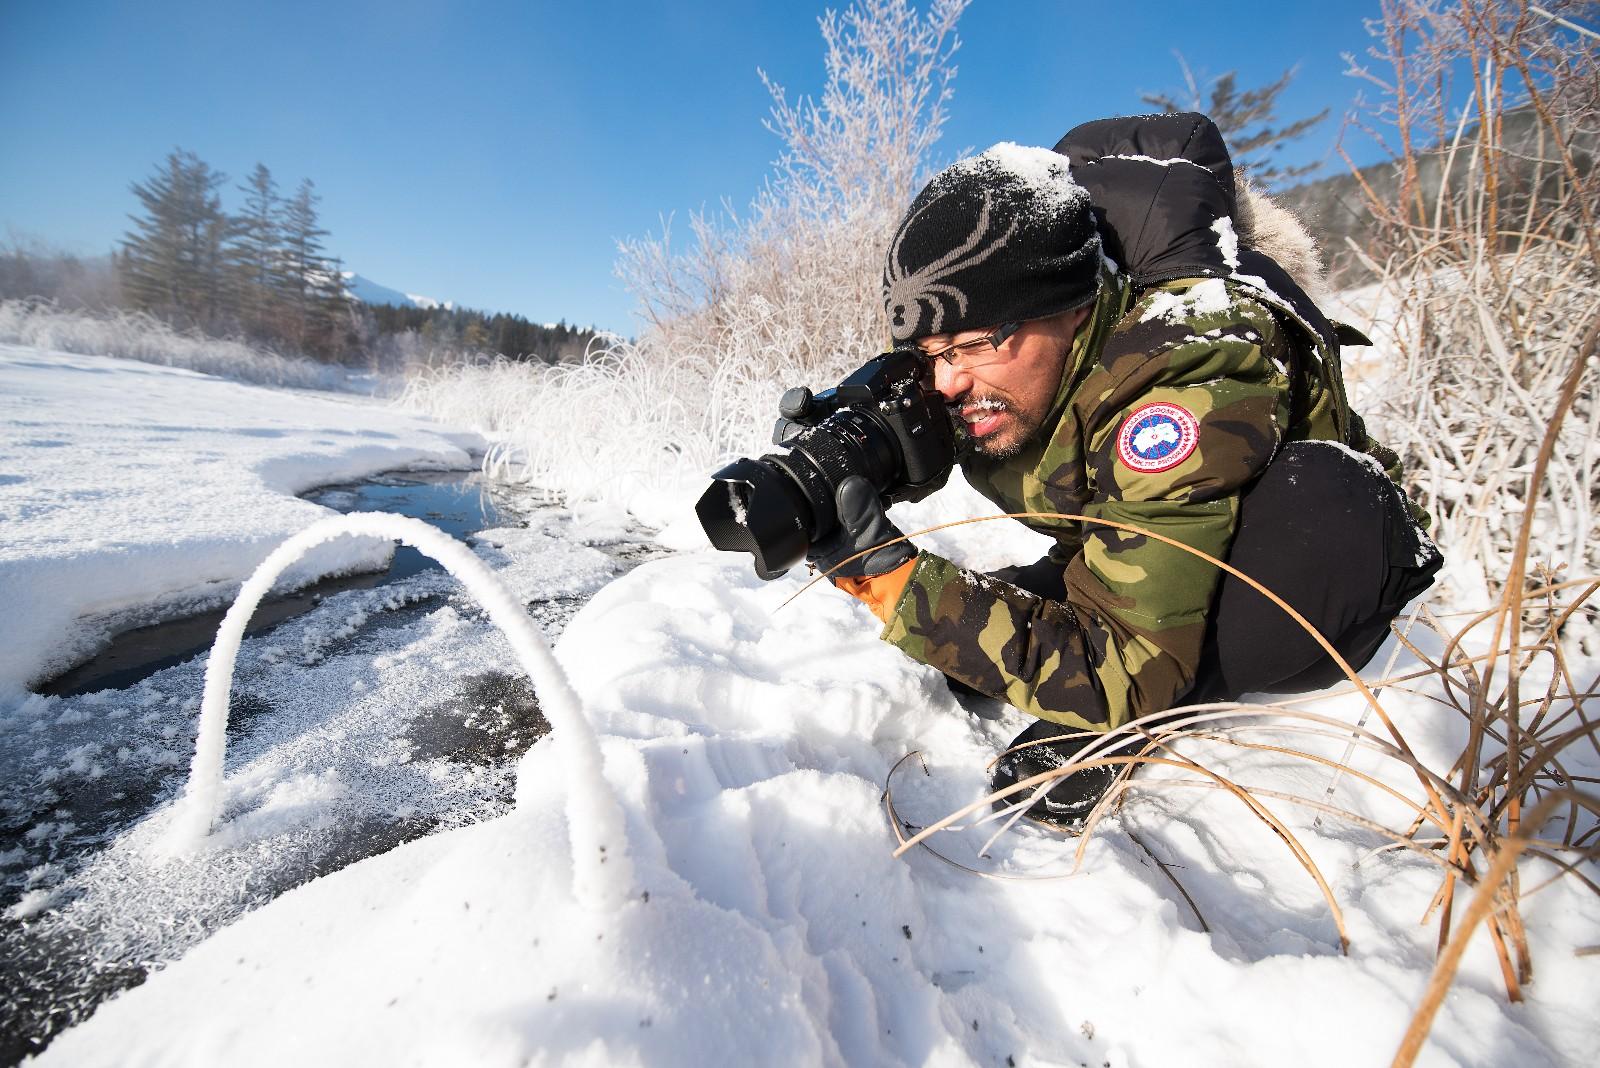 阿刘老师在加拿大班夫国家公园进行摄影创作.jpg